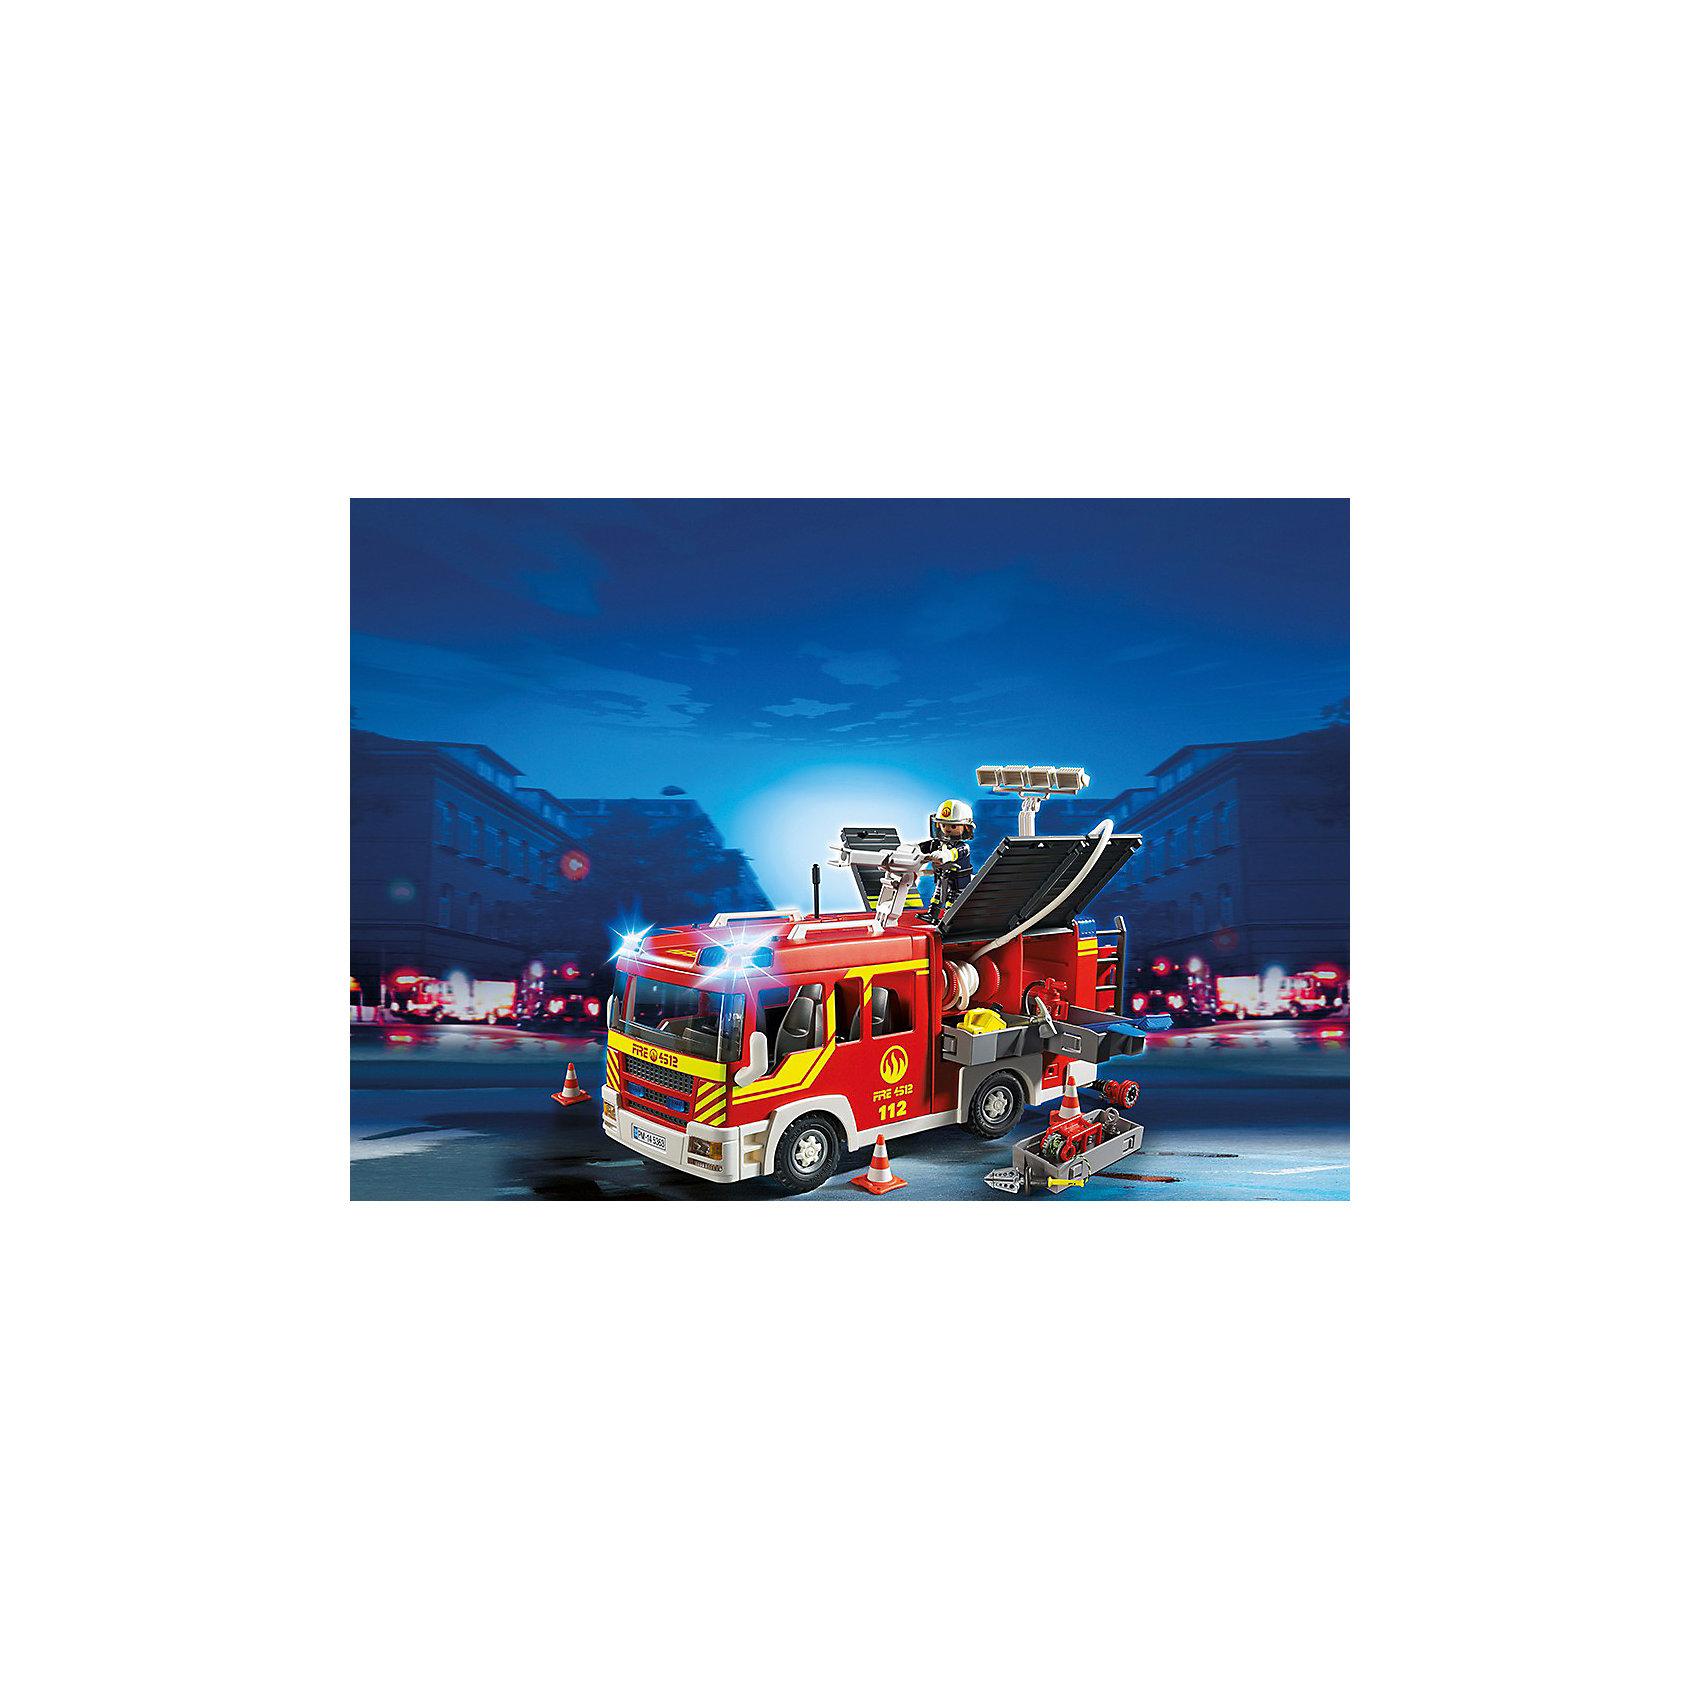 Пожарная машина со светом и звуком, PLAYMOBILКонструктор PLAYMOBIL (Плеймобил) 5363 Пожарная служба: Пожарная машина со светом и звуком - находка для заботливых родителей! Конструктор Вашего ребенка должен быть именно таким: красочным, безопасным и очень интересным. Серия Пожарная служба специально создана для малышей которые не боятся опасности и мечтают помогать другим людям. Пожарные - самая отважная профессия! Настоящий пожарный должен быть смелым, сильным и очень ловким. В наборе Пожарная машина со светом и звуком ребенок найдет фигурку пожарного, одетого в специальную форму, каску и перчатки. Он легко управляет большой пожарной машиной, которая оборудована по последнему слову техники. Две мигалки помогают оказаться на месте возгорания за считанные минуты. Пожарный быстро расставляет конусы, разматывает шланги и направляет брандспойт на горящее здание. В машине множество инструментов, которые могут оказаться полезными если что-то пойдет не по плану. Создай интересные сюжеты с набором Пожарная машина со светом и звуком или объедини его с другими наборами серии и игра станет еще интереснее. Придумывая замечательные сюжеты с деталями конструктора, Ваш ребенок развивает фантазию, учится заботе и просто прекрасно проводит время!<br><br>Дополнительная информация:<br><br>- Конструкторы PLAYMOBIL (Плеймобил) отлично развивают мелкую моторику, фантазию и воображение;<br>- В наборе: минифигурка пожарного, пожарная машина, огнетушитель, лопата, веревка, инструменты, аксессуары;<br>- Количество деталей: 120 шт;<br>- Материал: безопасный пластик;<br>- Для работы необходимы 2 батарейки типа ААА (не в комплекте);<br>- Размер минифигурки: 7,5 см;<br>- Размер упаковки: 13 х 28 х 17 см<br><br>Конструктор PLAYMOBIL (Плеймобил) 5363 Пожарная служба: Пожарная машина со светом и звуком можно купить в нашем интернет-магазине.<br><br>Ширина мм: 352<br>Глубина мм: 248<br>Высота мм: 142<br>Вес г: 1228<br>Возраст от месяцев: 60<br>Возраст до месяцев: 120<br>Пол: Мужской<br>Возраст: Детск